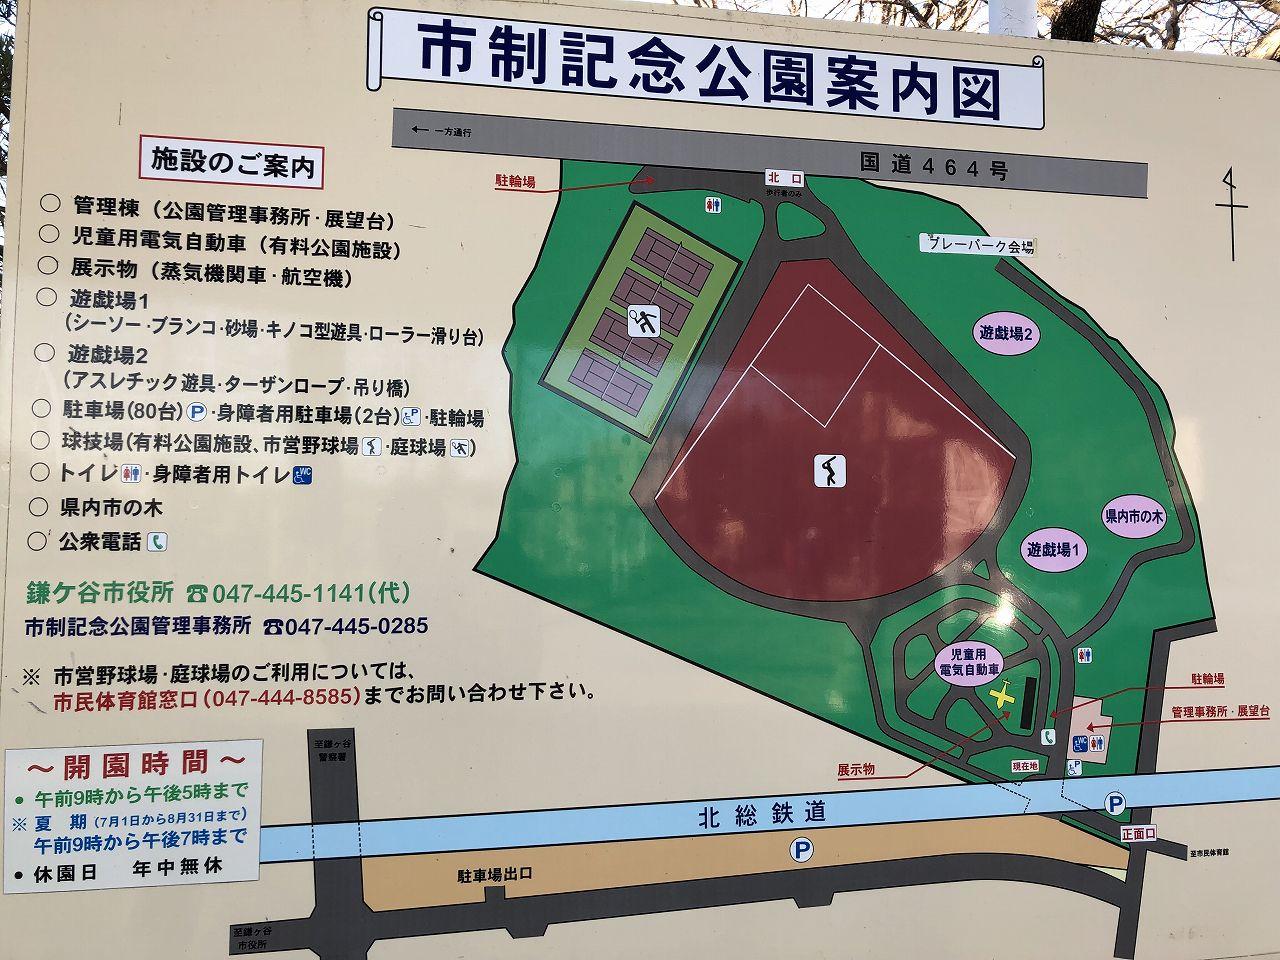 鎌ヶ谷市制記念公園マップ